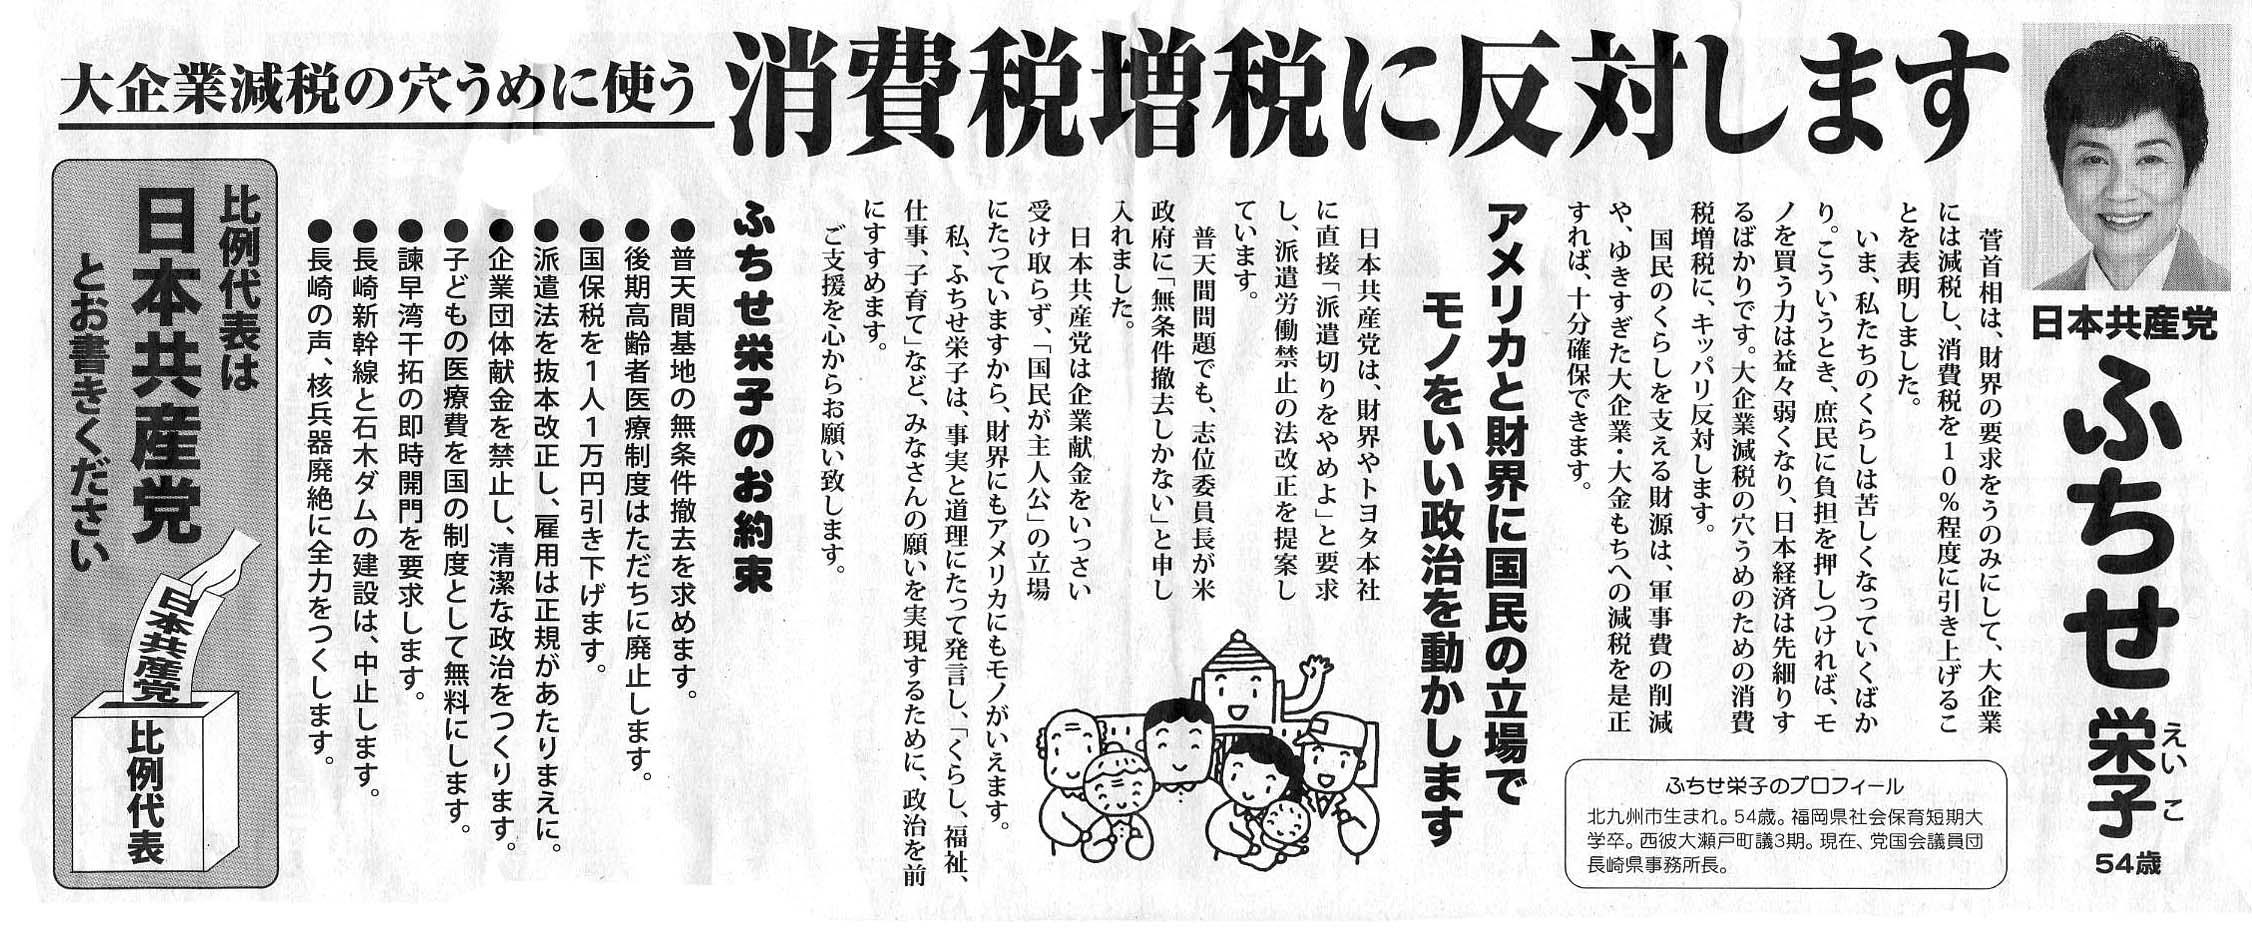 選挙公報(長崎選挙区)_c0052876_2324594.jpg